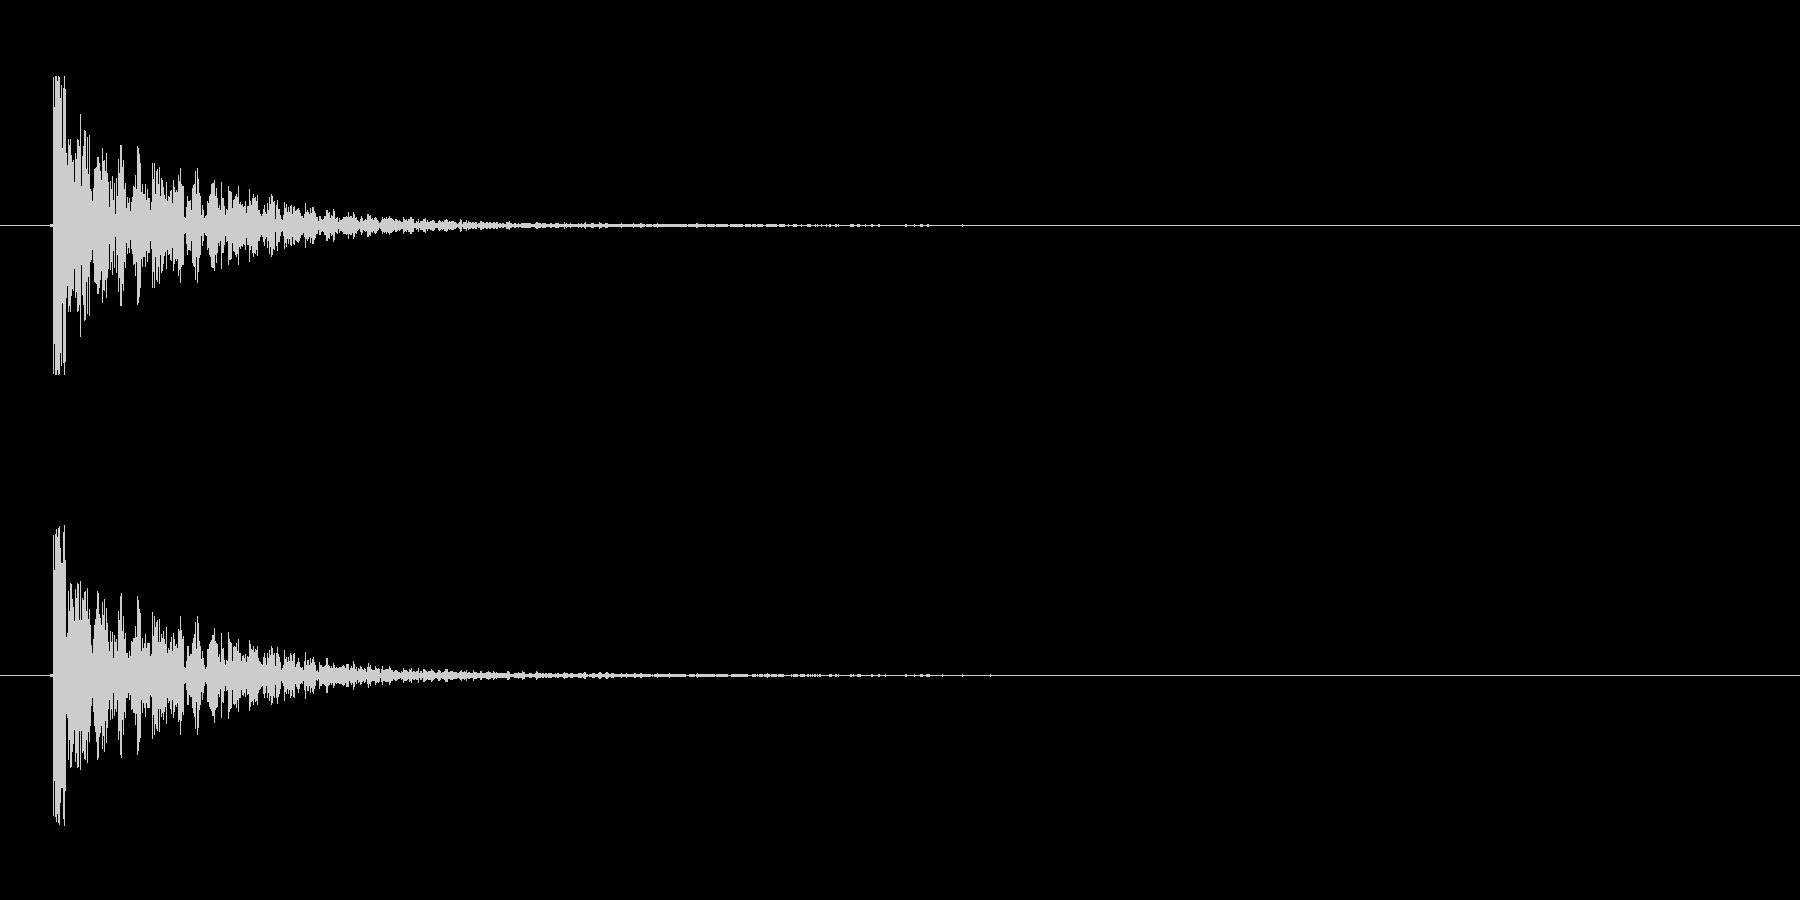 【衝撃03-1】の未再生の波形